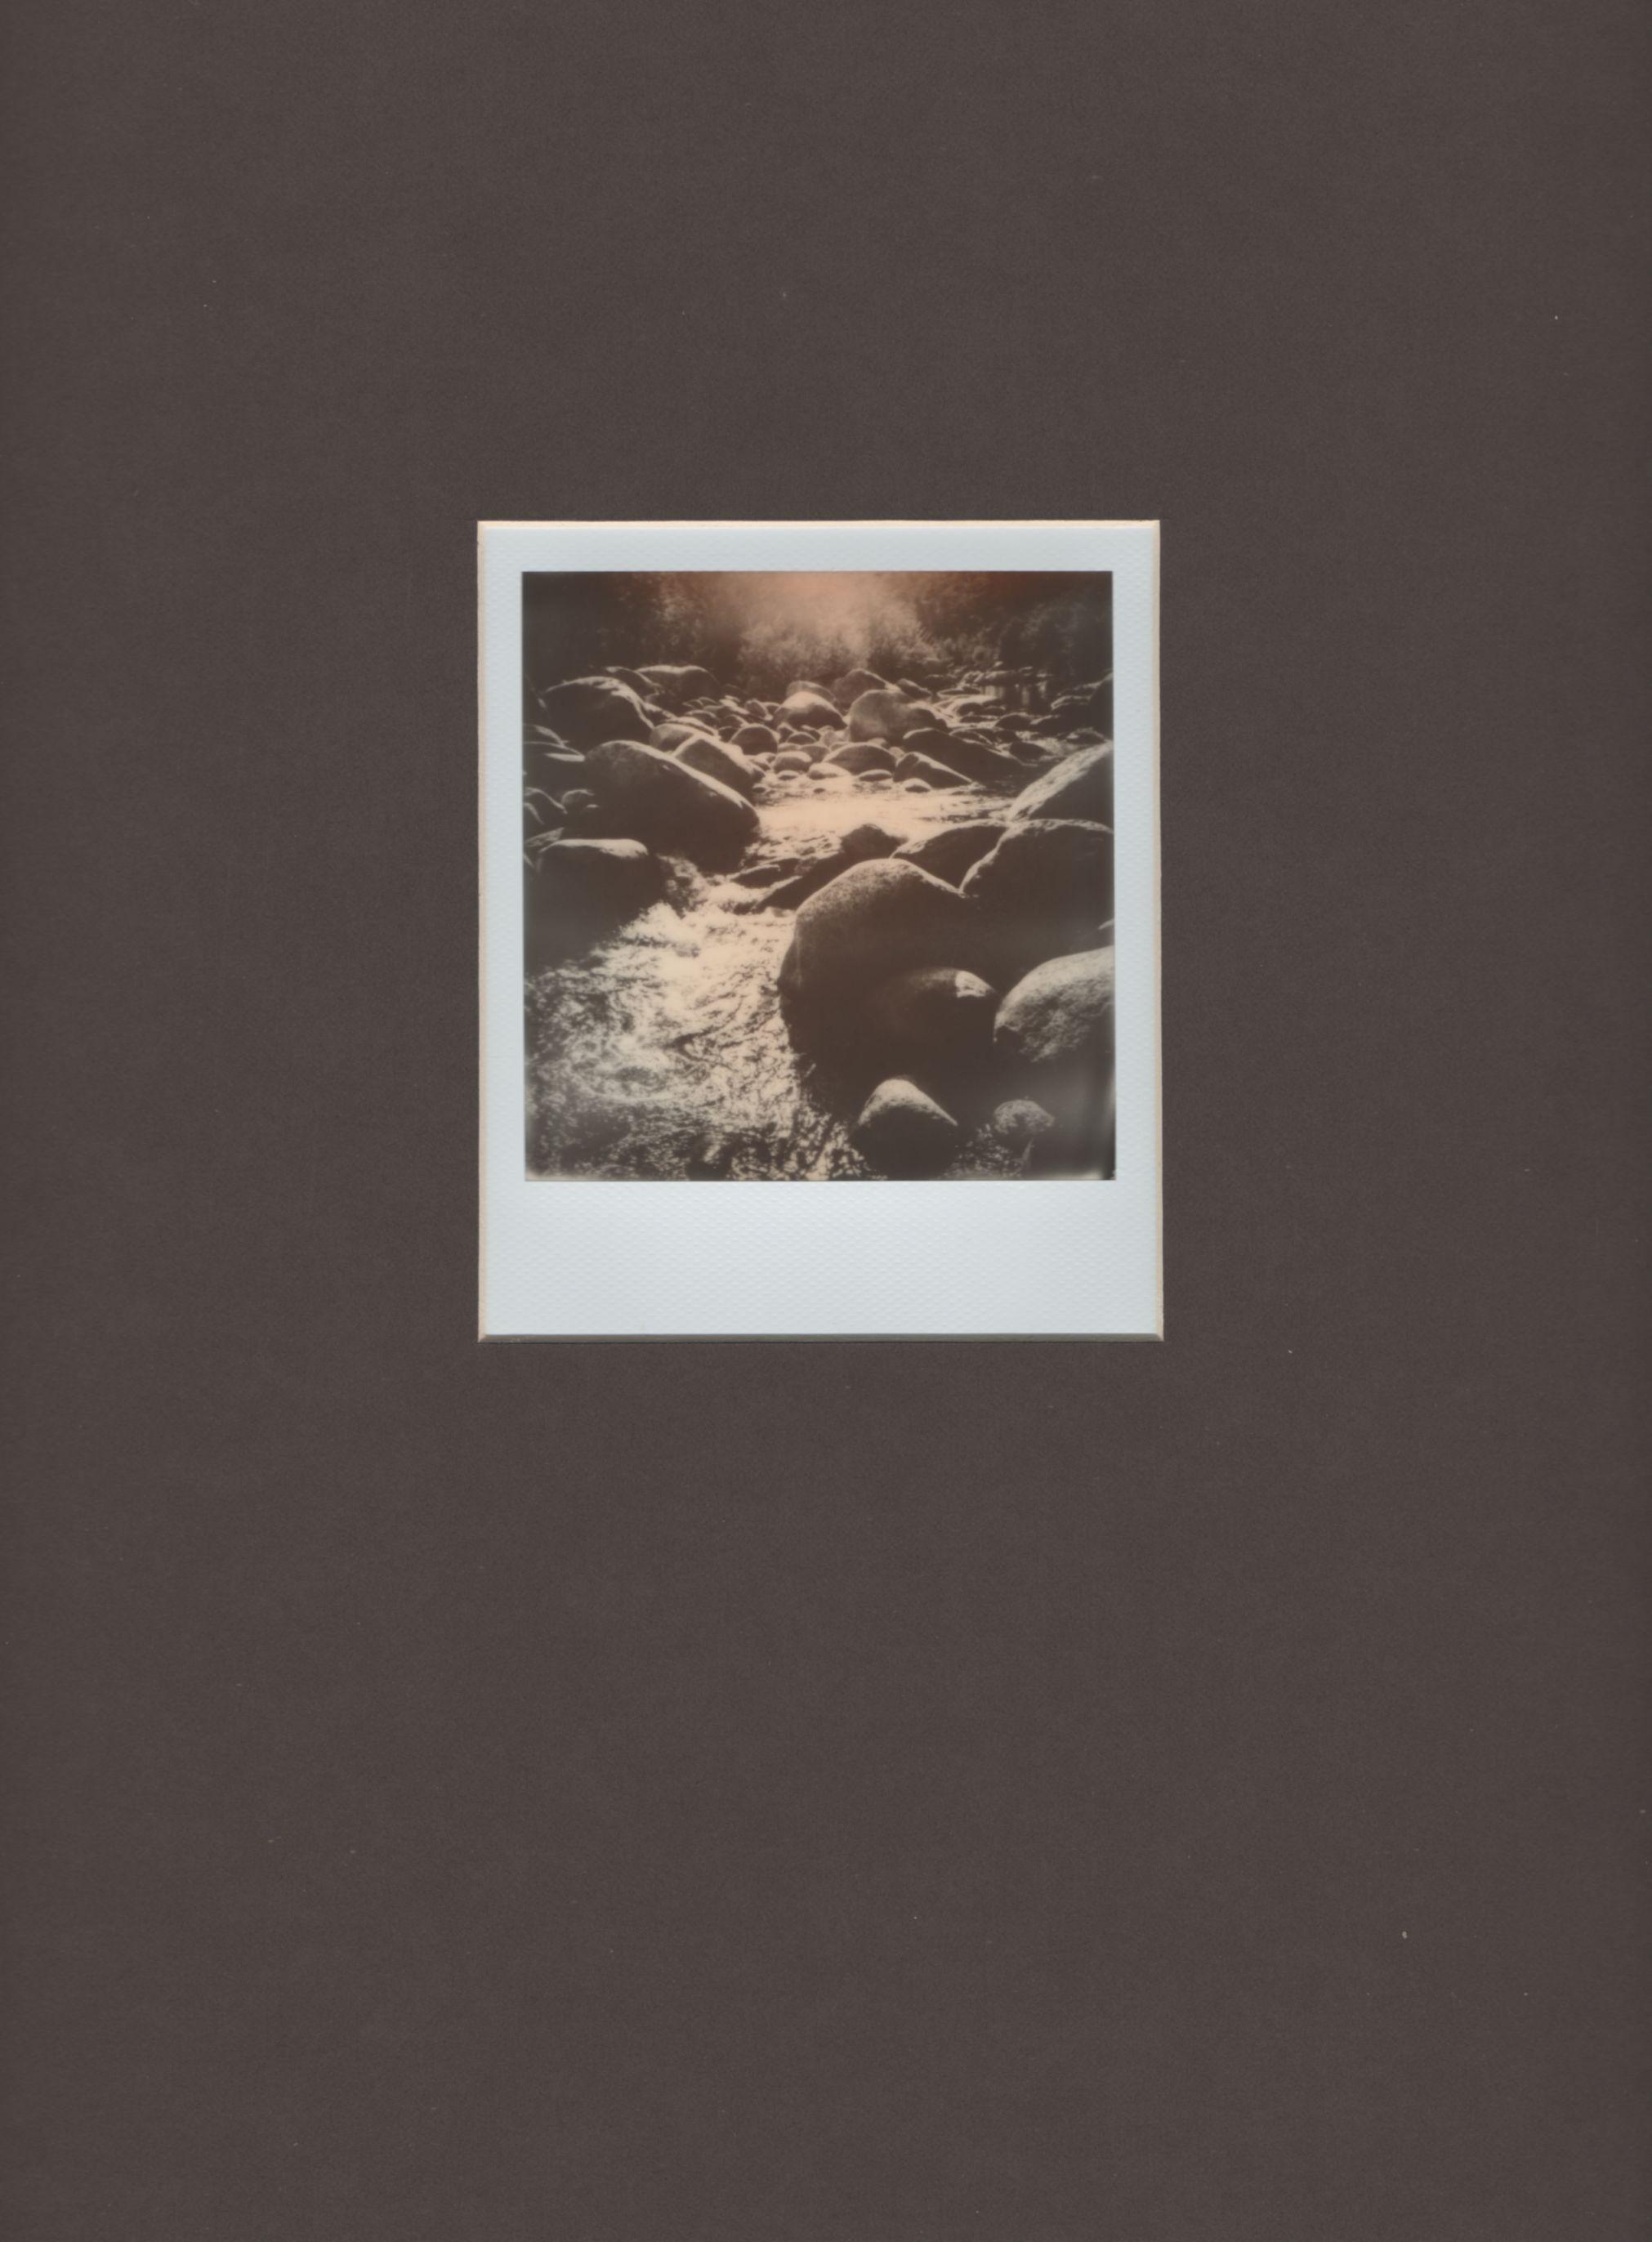 Córcega vista desde una cámara Polaroid (2015) - Francesc Mas Solé